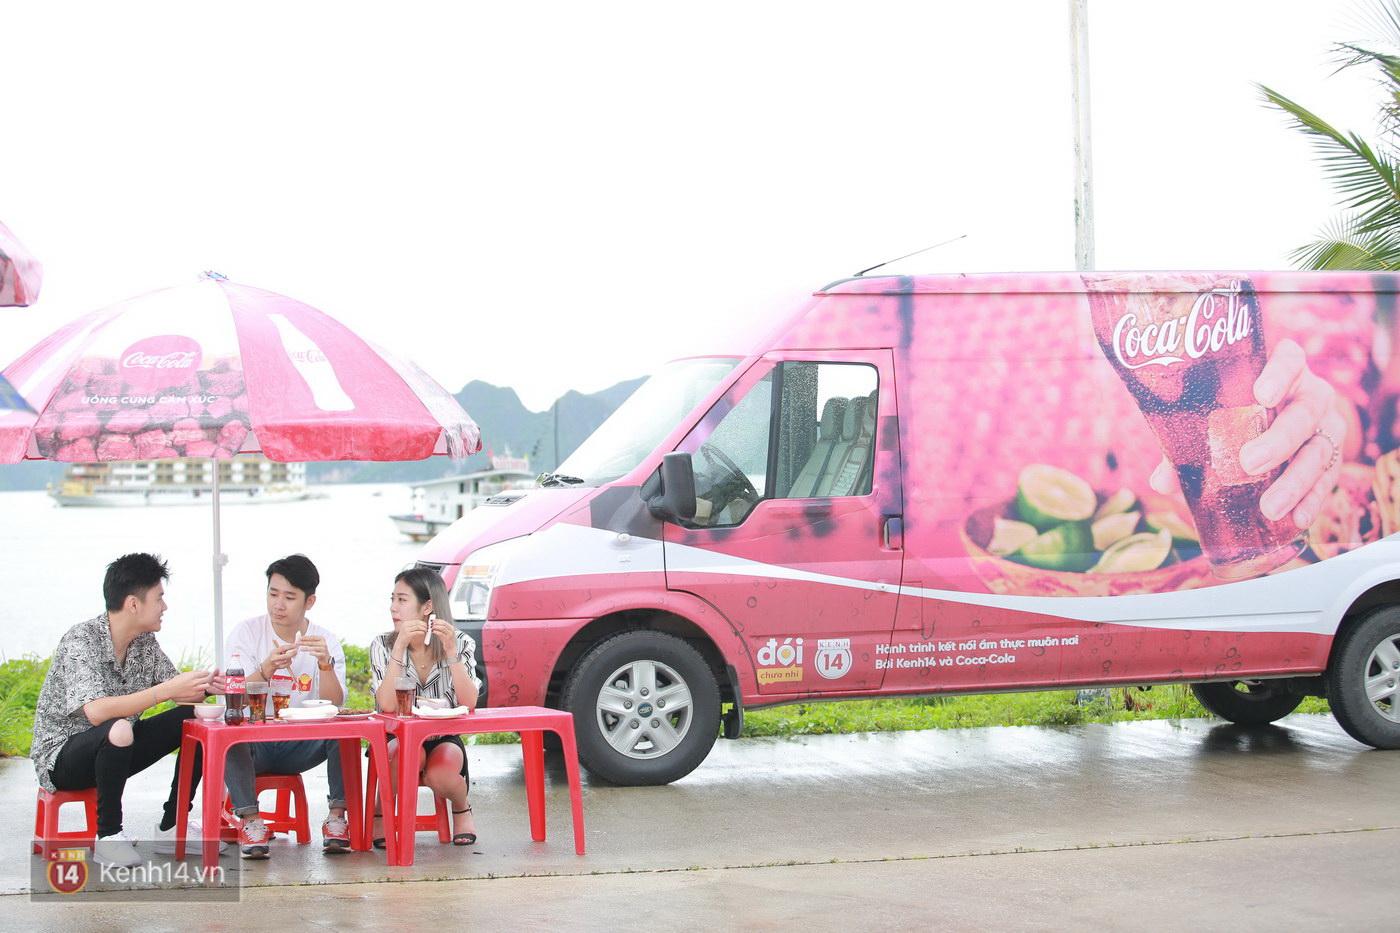 Đói Chưa Nhỉ: Những khoảnh khắc đáng yêu của cặp đôi nổi tiếng Tùng Sơn - Trang Lou - Ảnh 14.